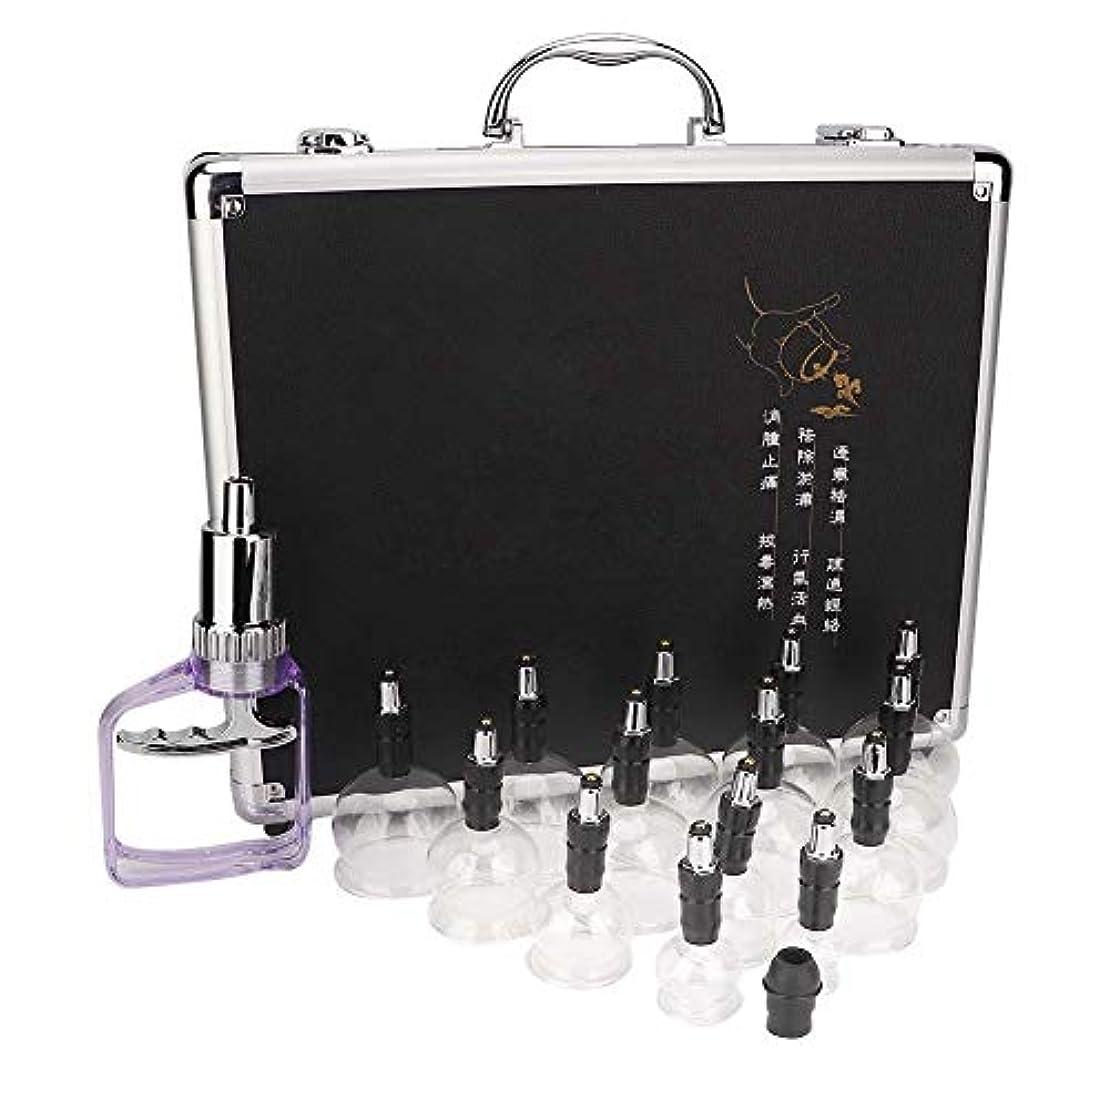 ゲインセイ洋服矩形カッピングカップ、14個の吸引カップジャー真空カッピングセットマッサージ療法マッサージ用カッピングツール、CE承認